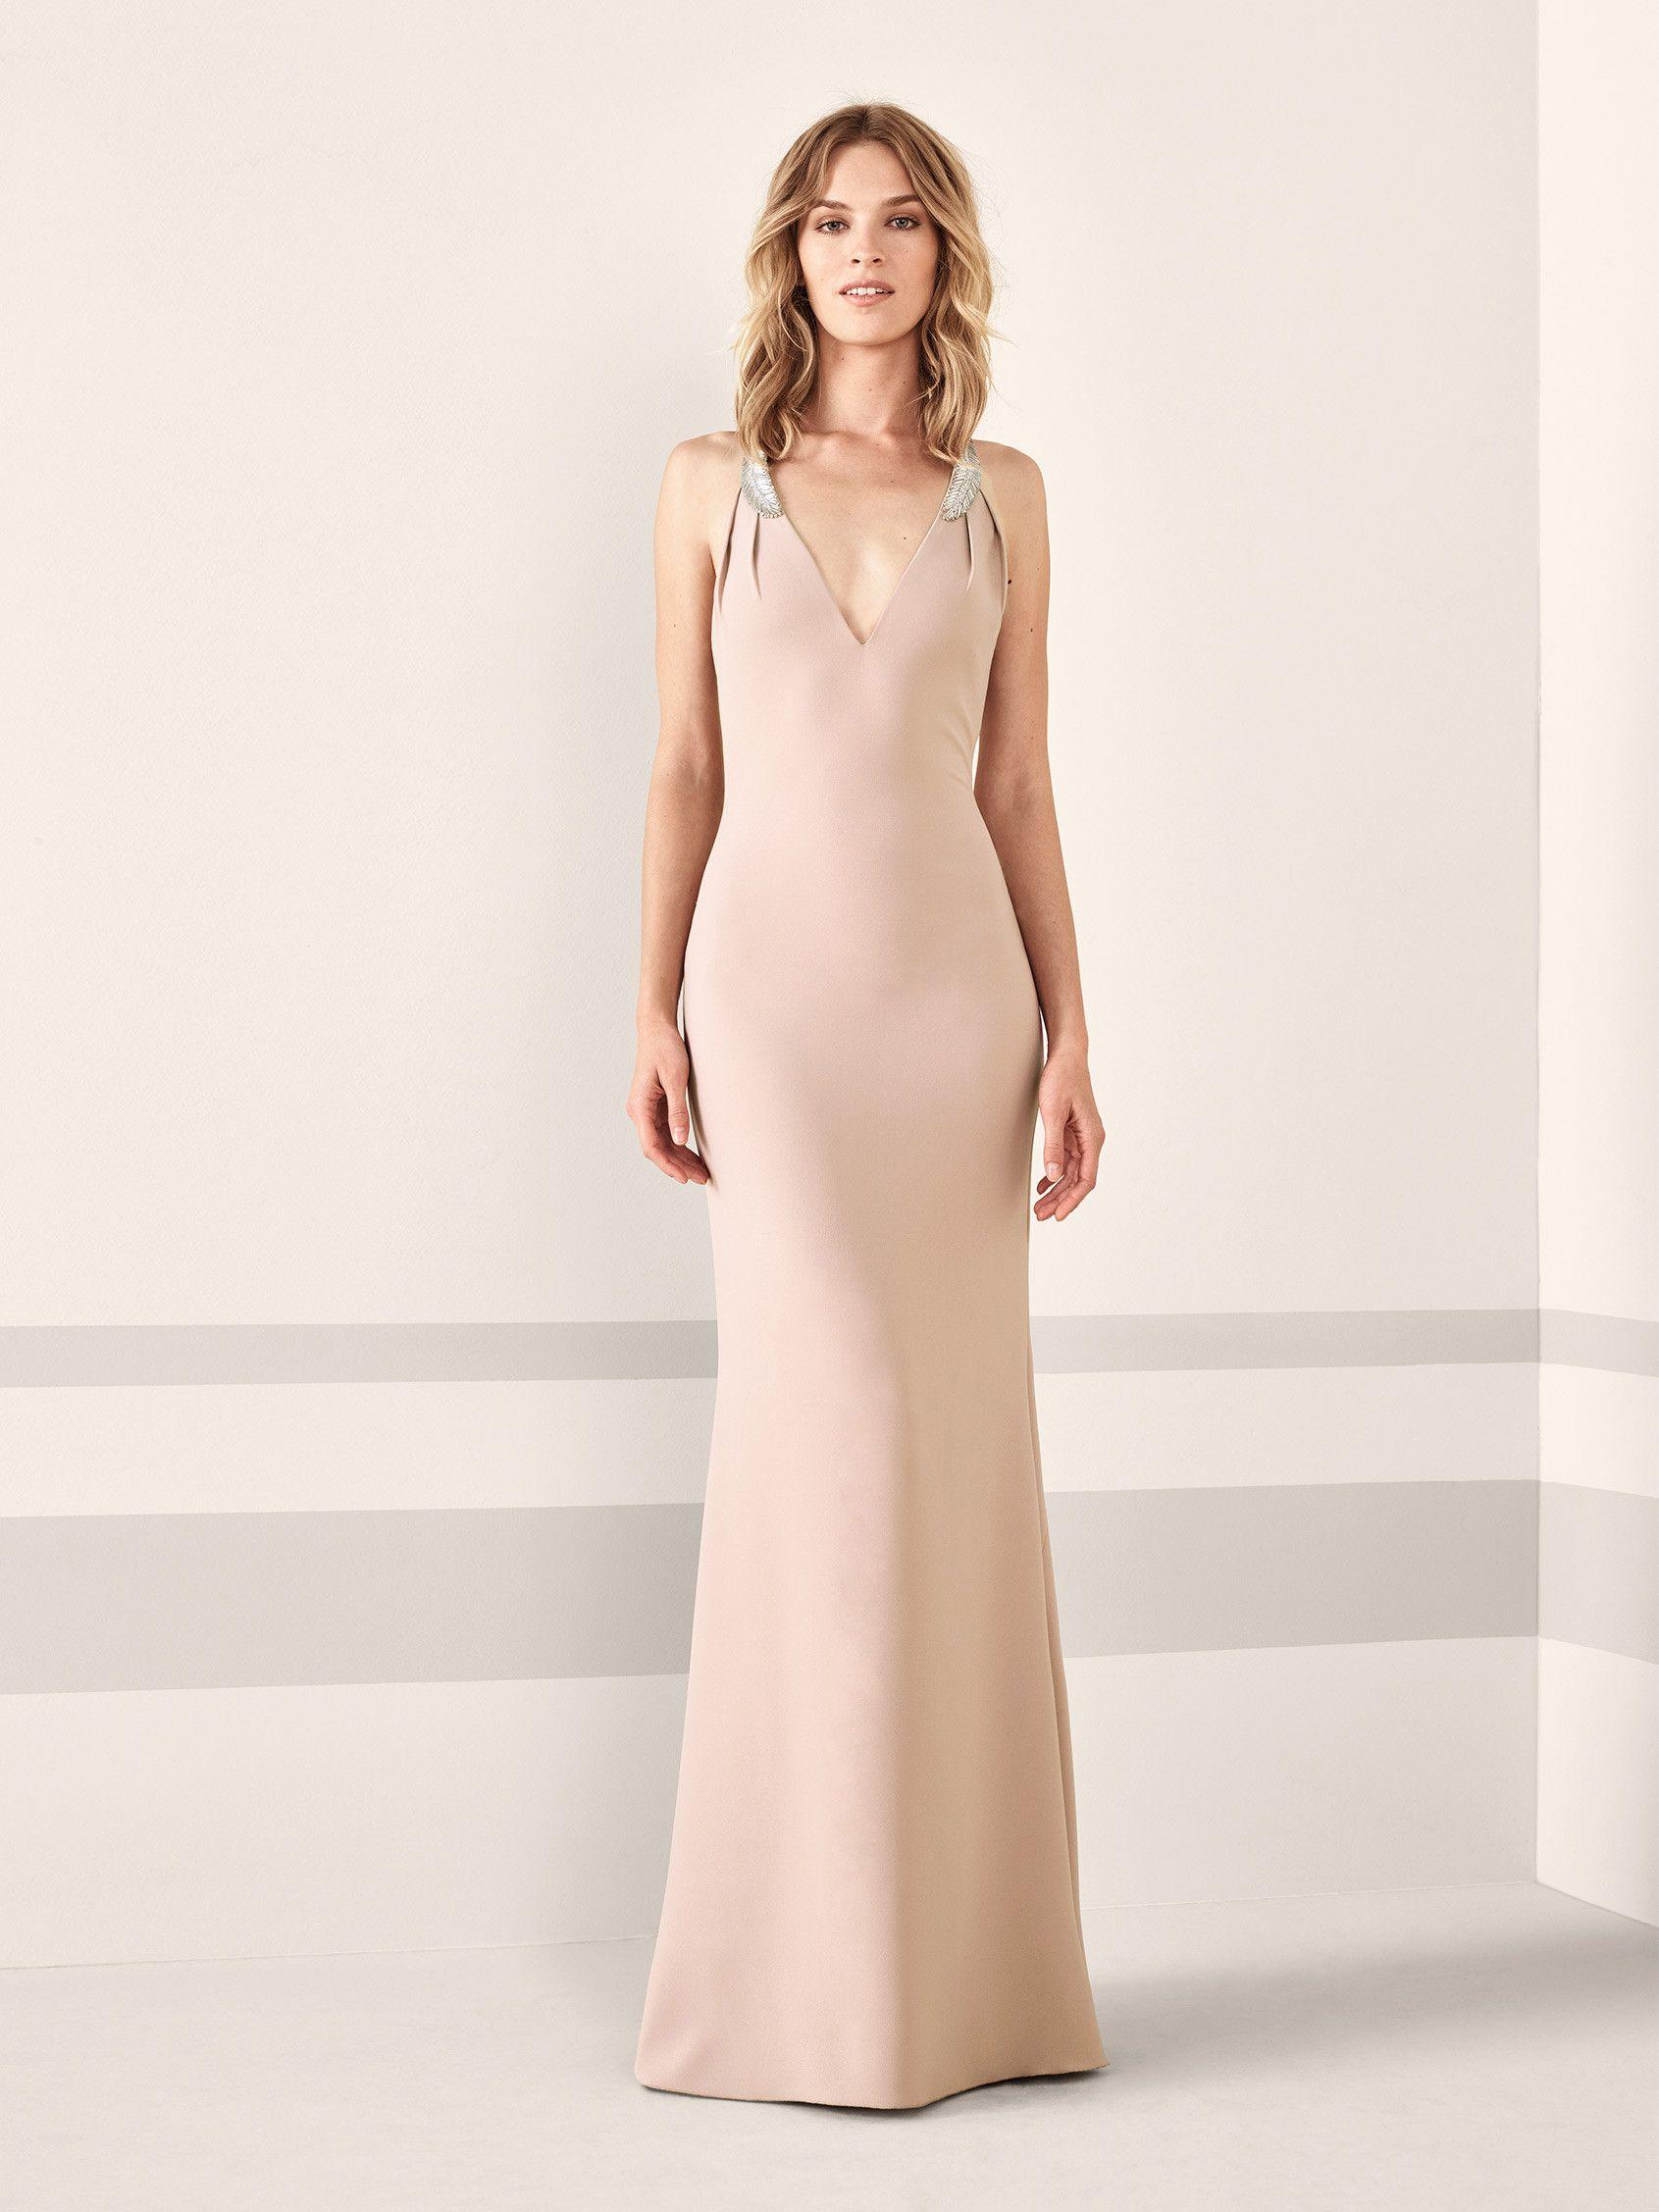 Colores de moda vestidos de fiesta 202019